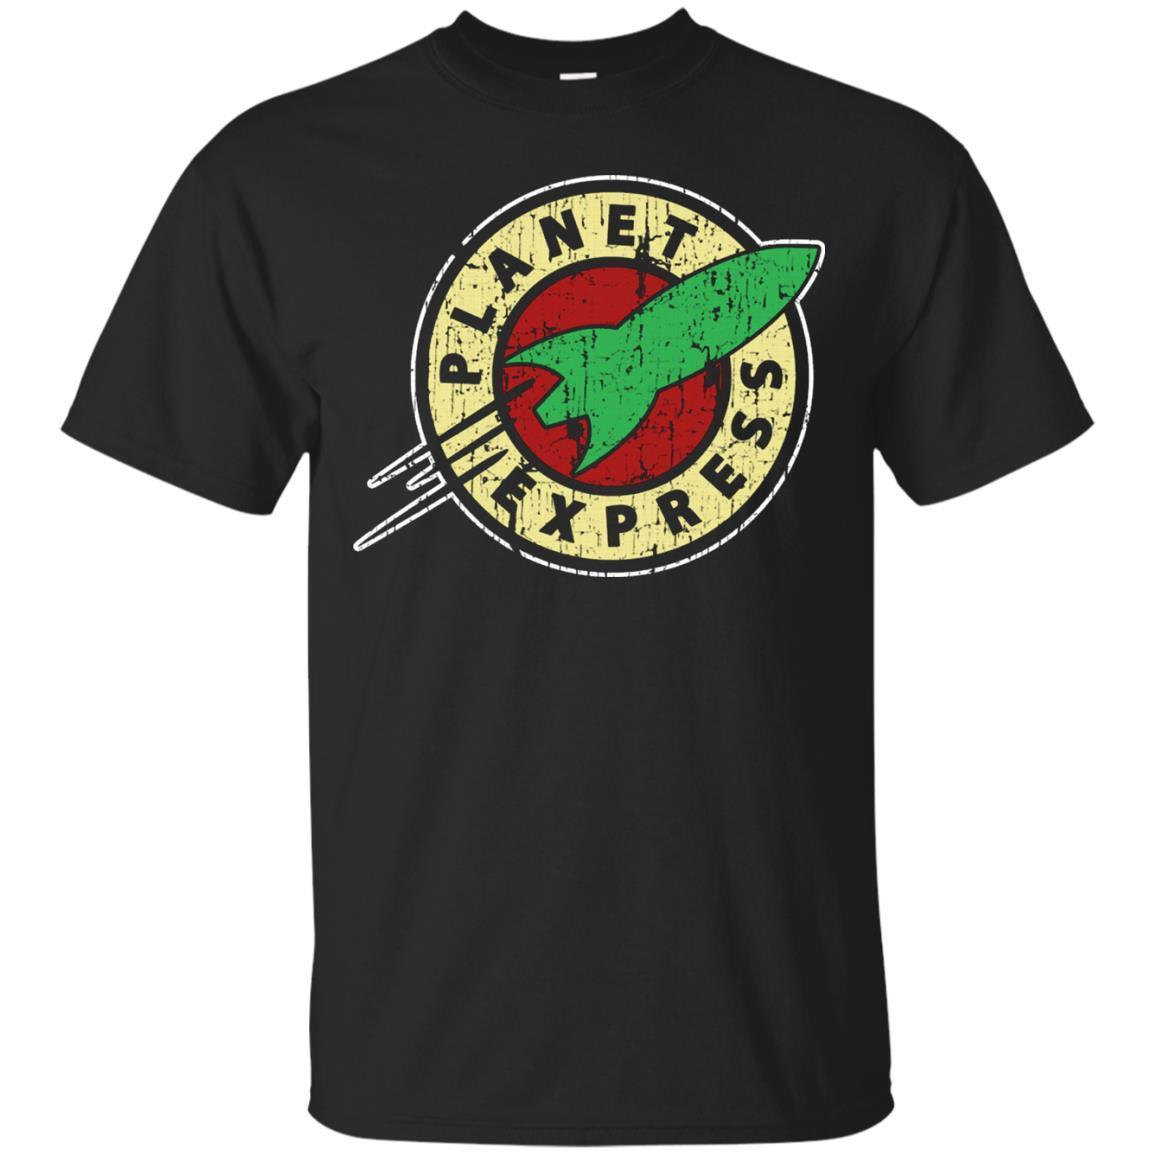 Planet Express T-Shirt